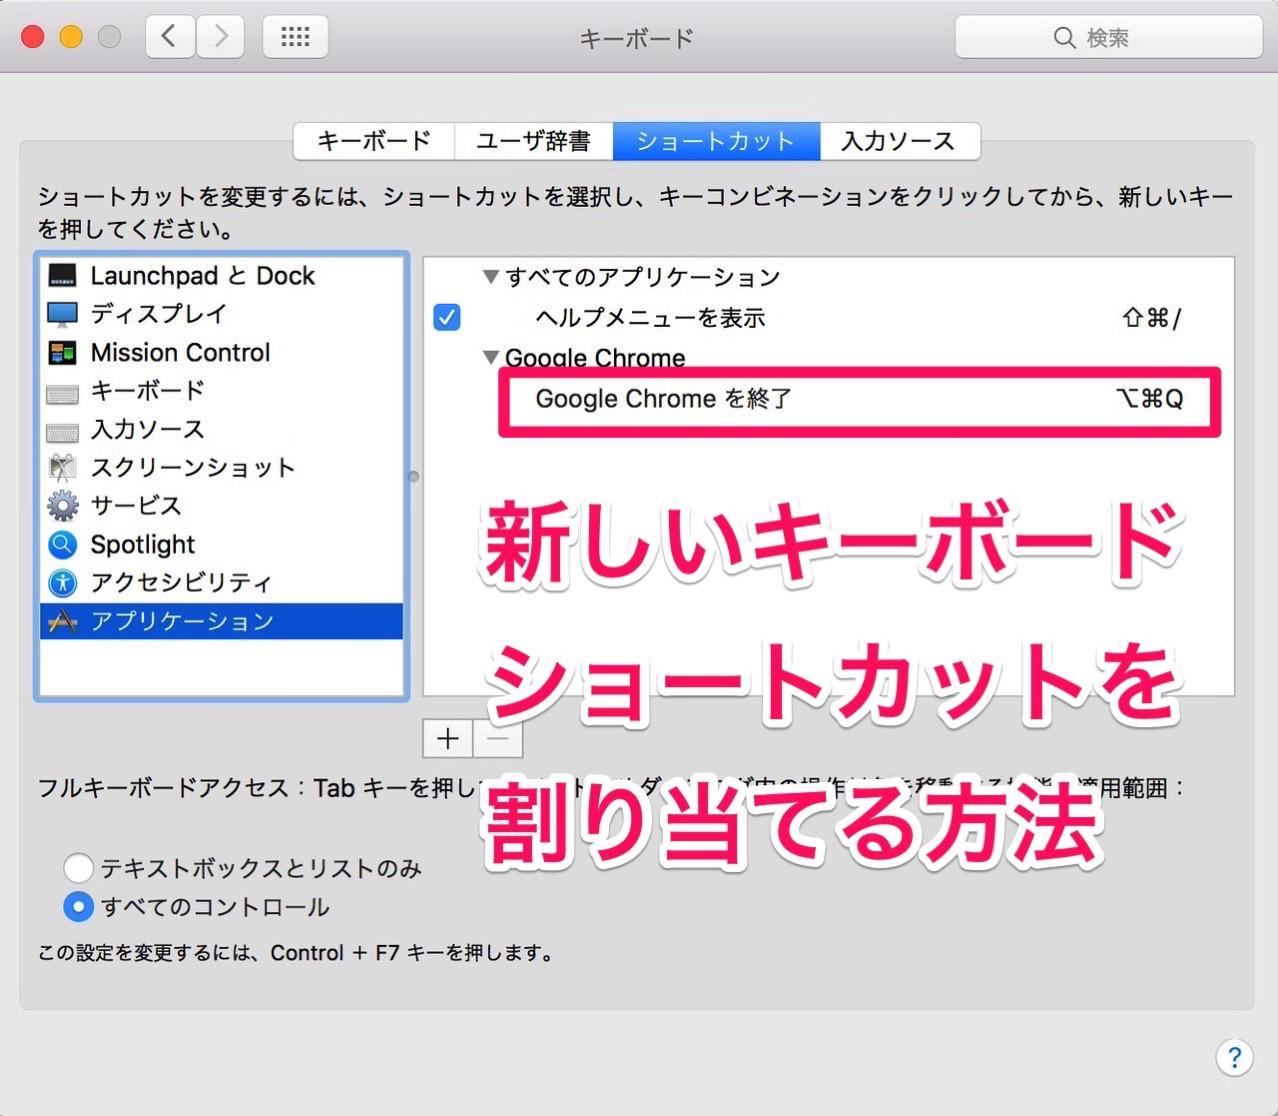 【OS X】自分好みのキーボードショートカットをアプリに割り当てる方法